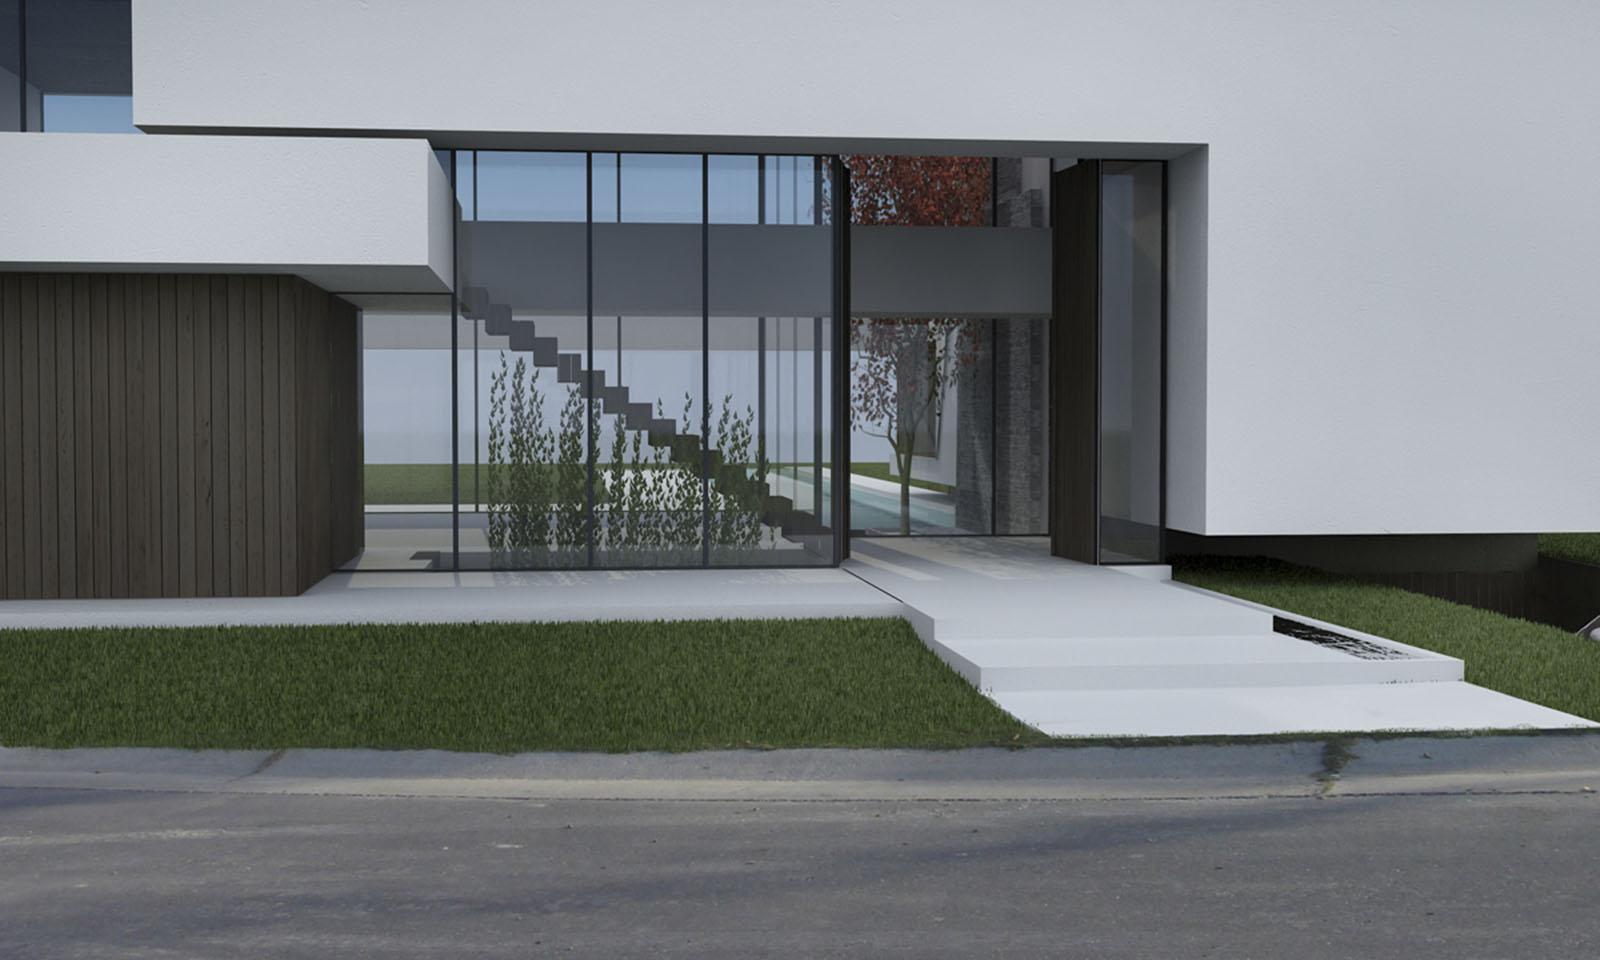 diseño de halles, ingresos de casas modernos, halles doble altura, fachadas vidriadas en casas